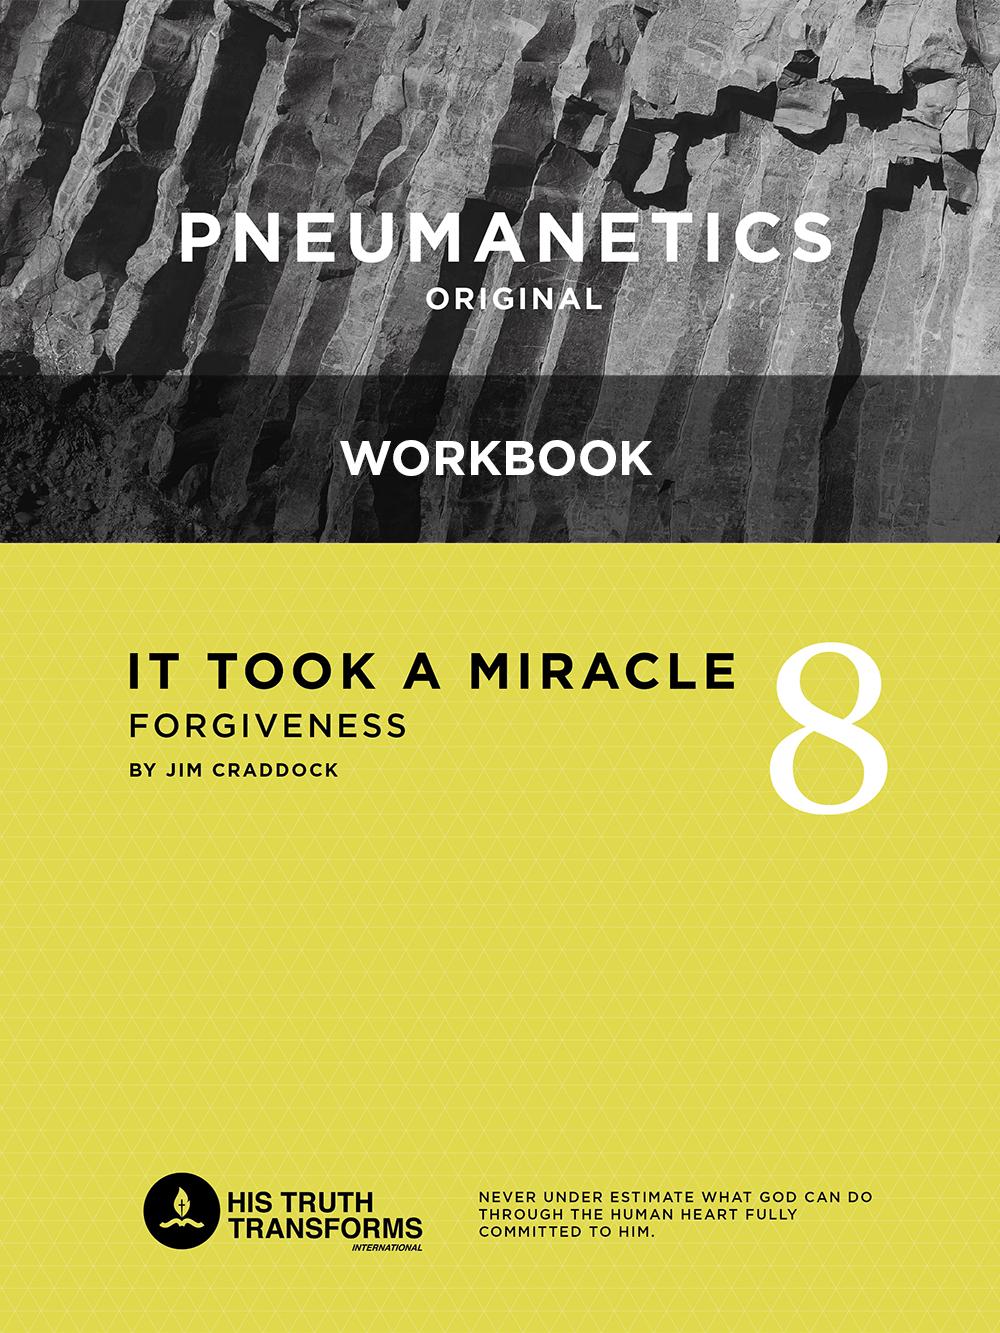 pneumanetics-8-workbook.jpg